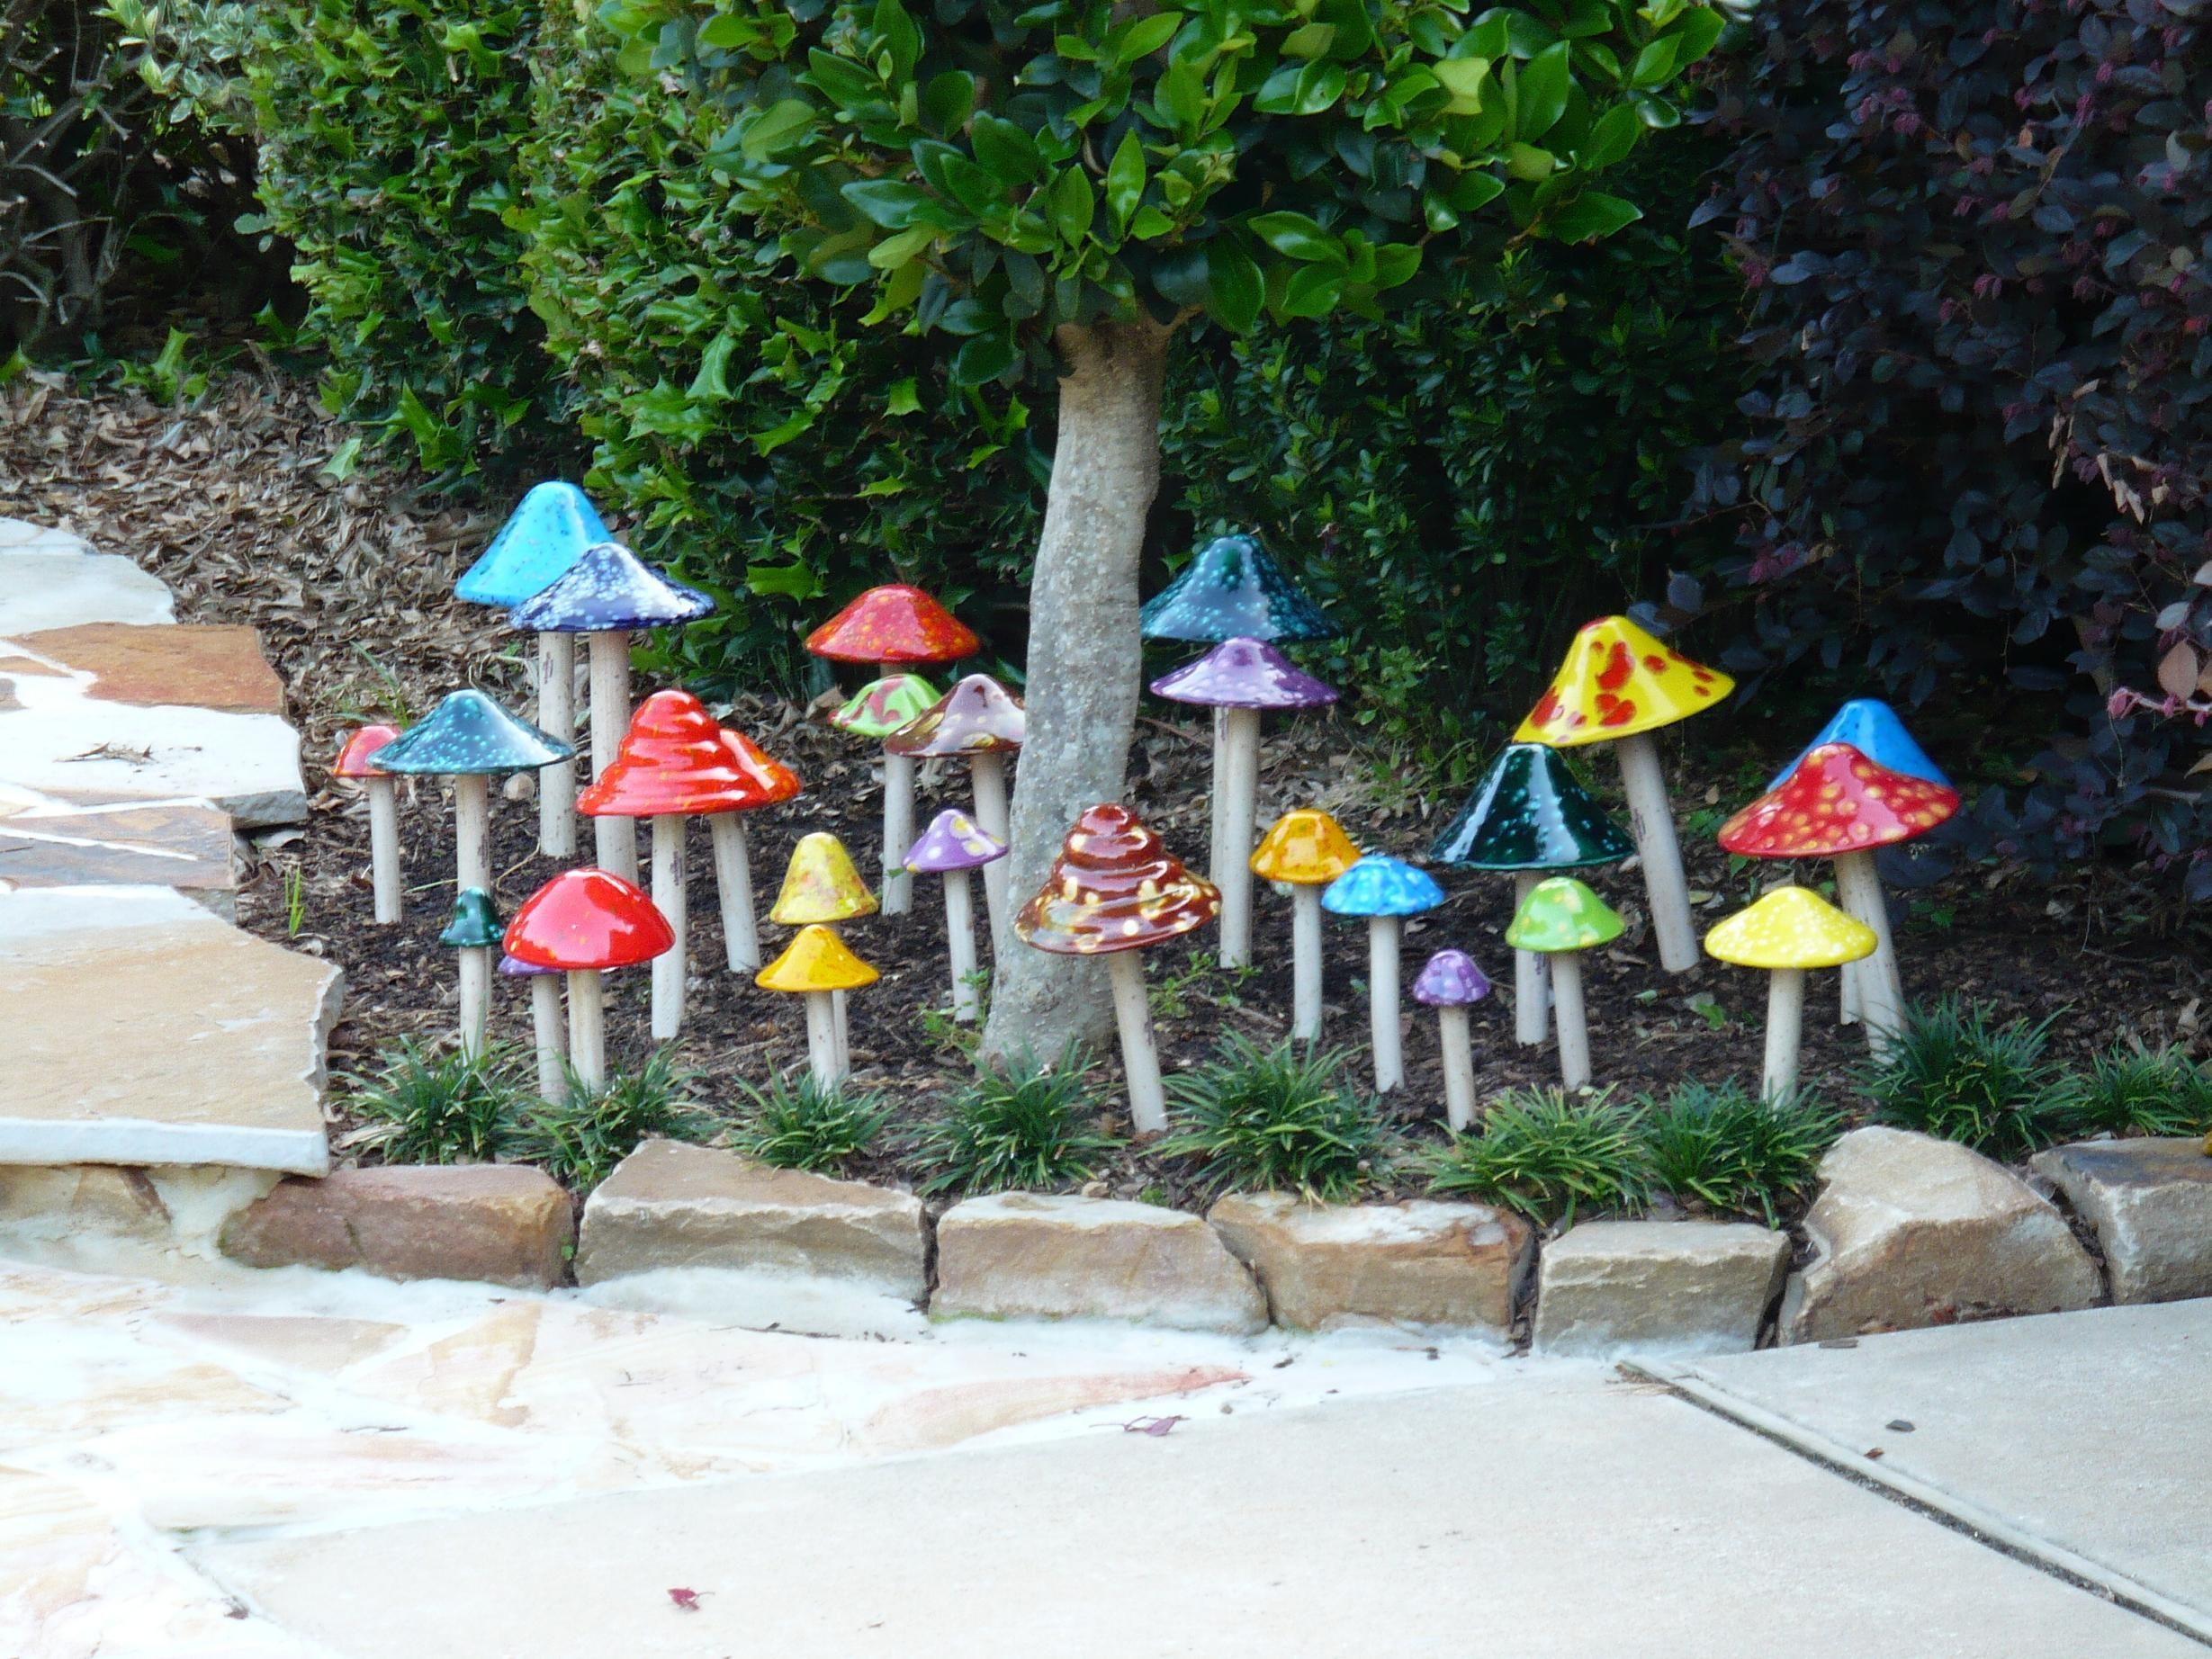 Ceramic mushrooms for the garden art ~~~   Design Interest for the ...